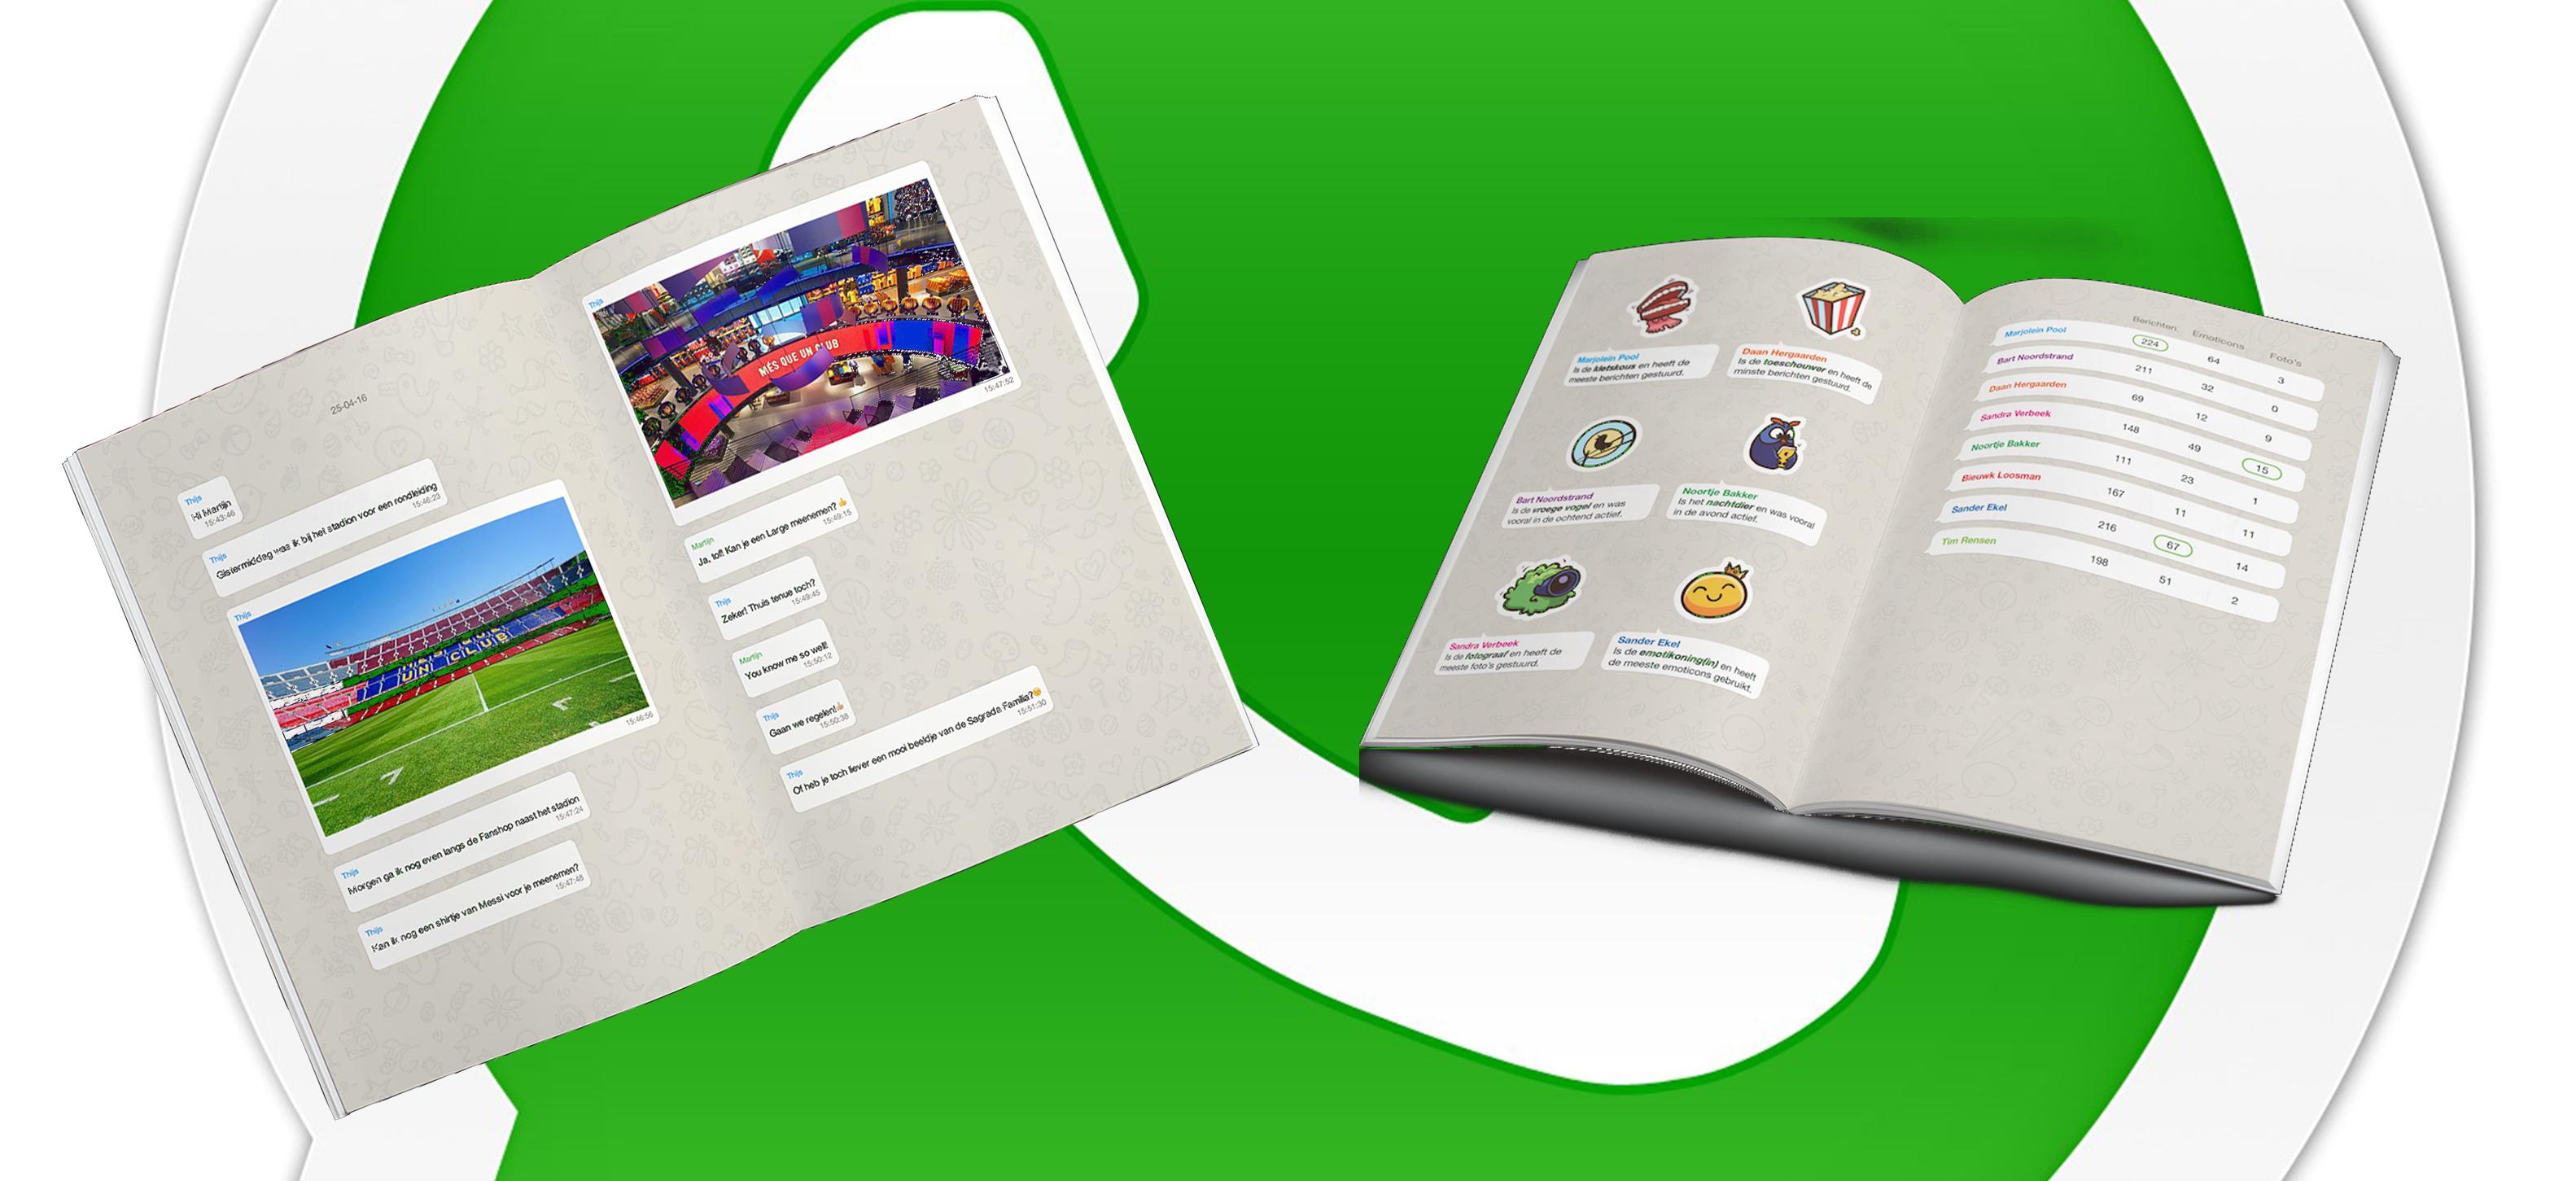 Whappbook, een fotoalbum van je leukste chats!